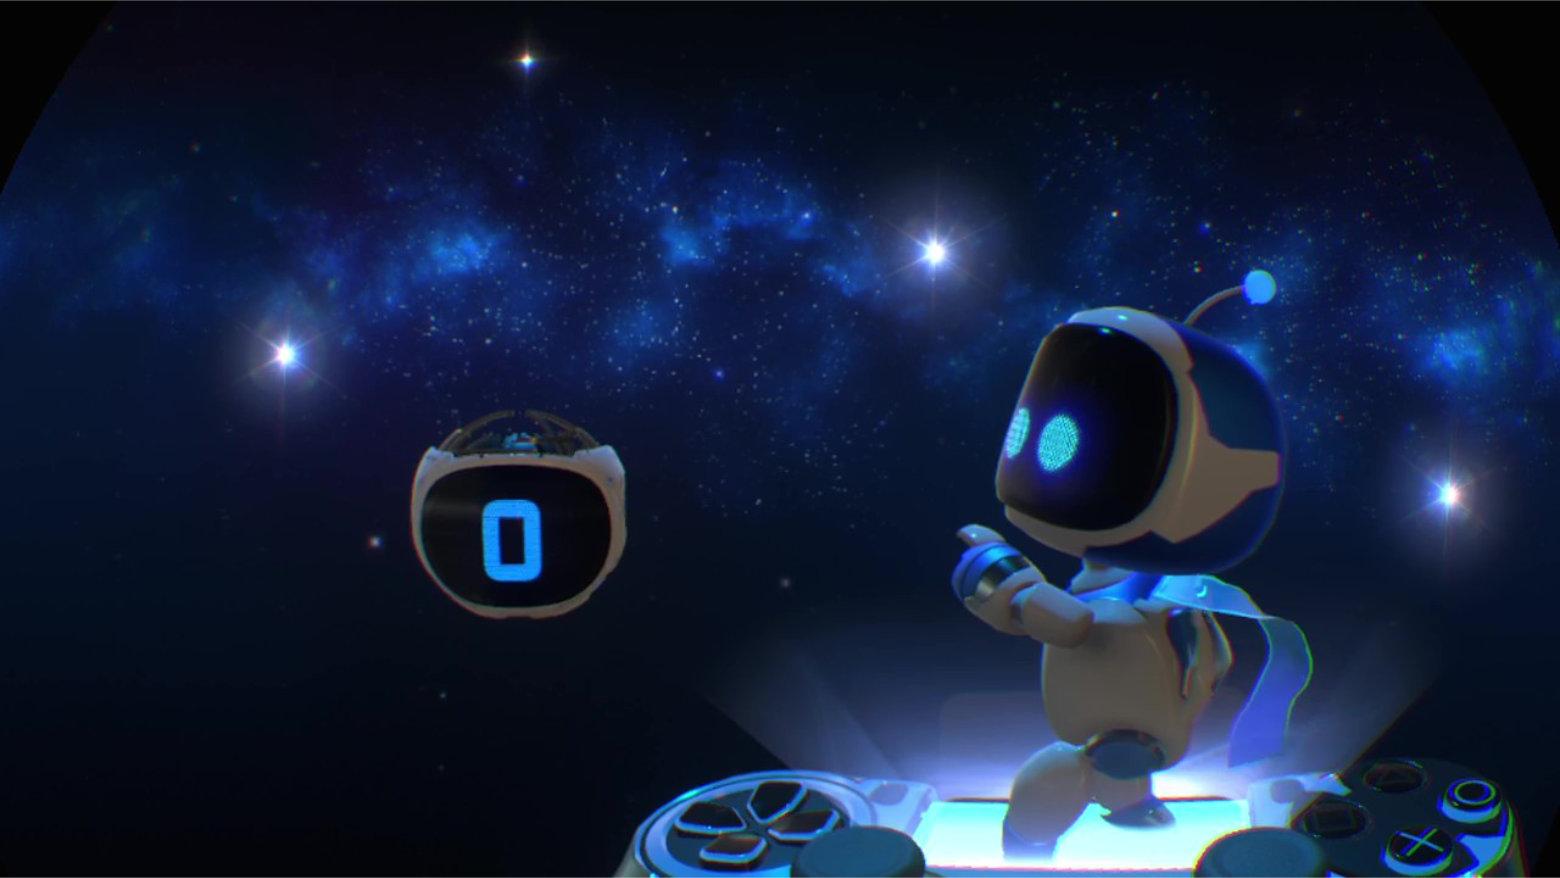 アストロボット